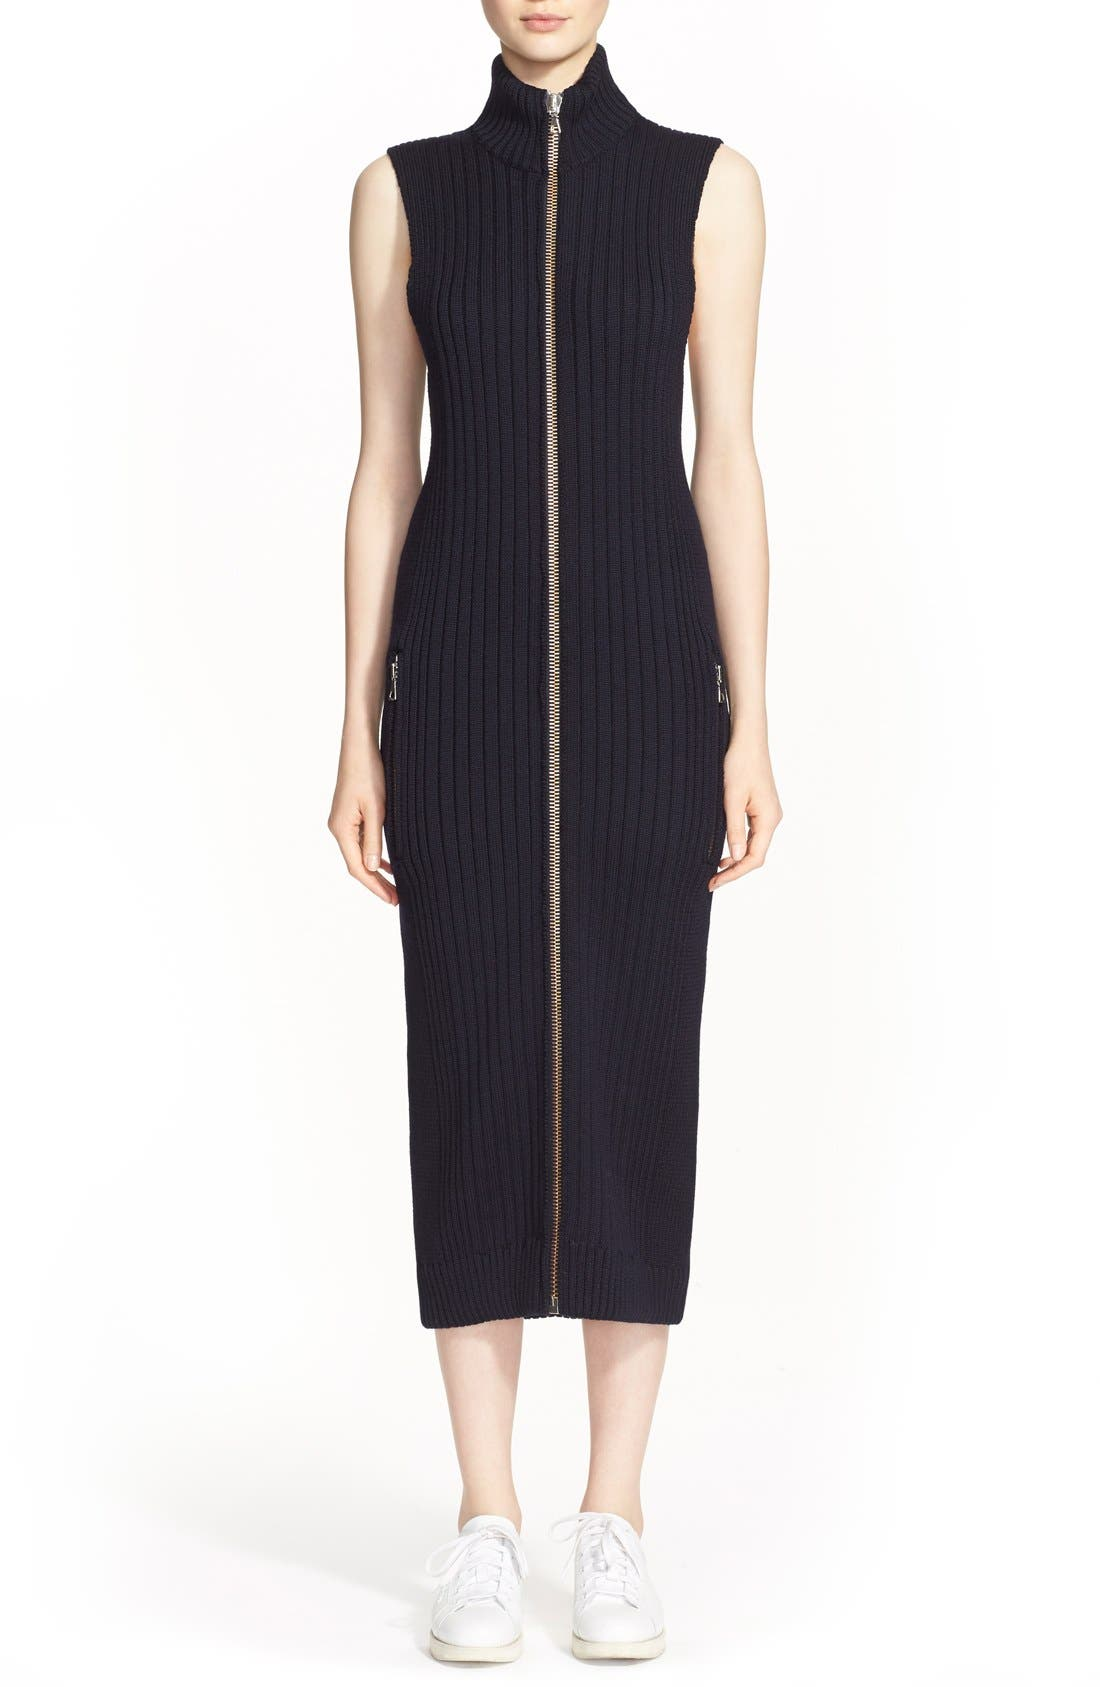 Alternate Image 1 Selected - ACNE Studios 'Benita Clean' Zip Front Sweater Dress